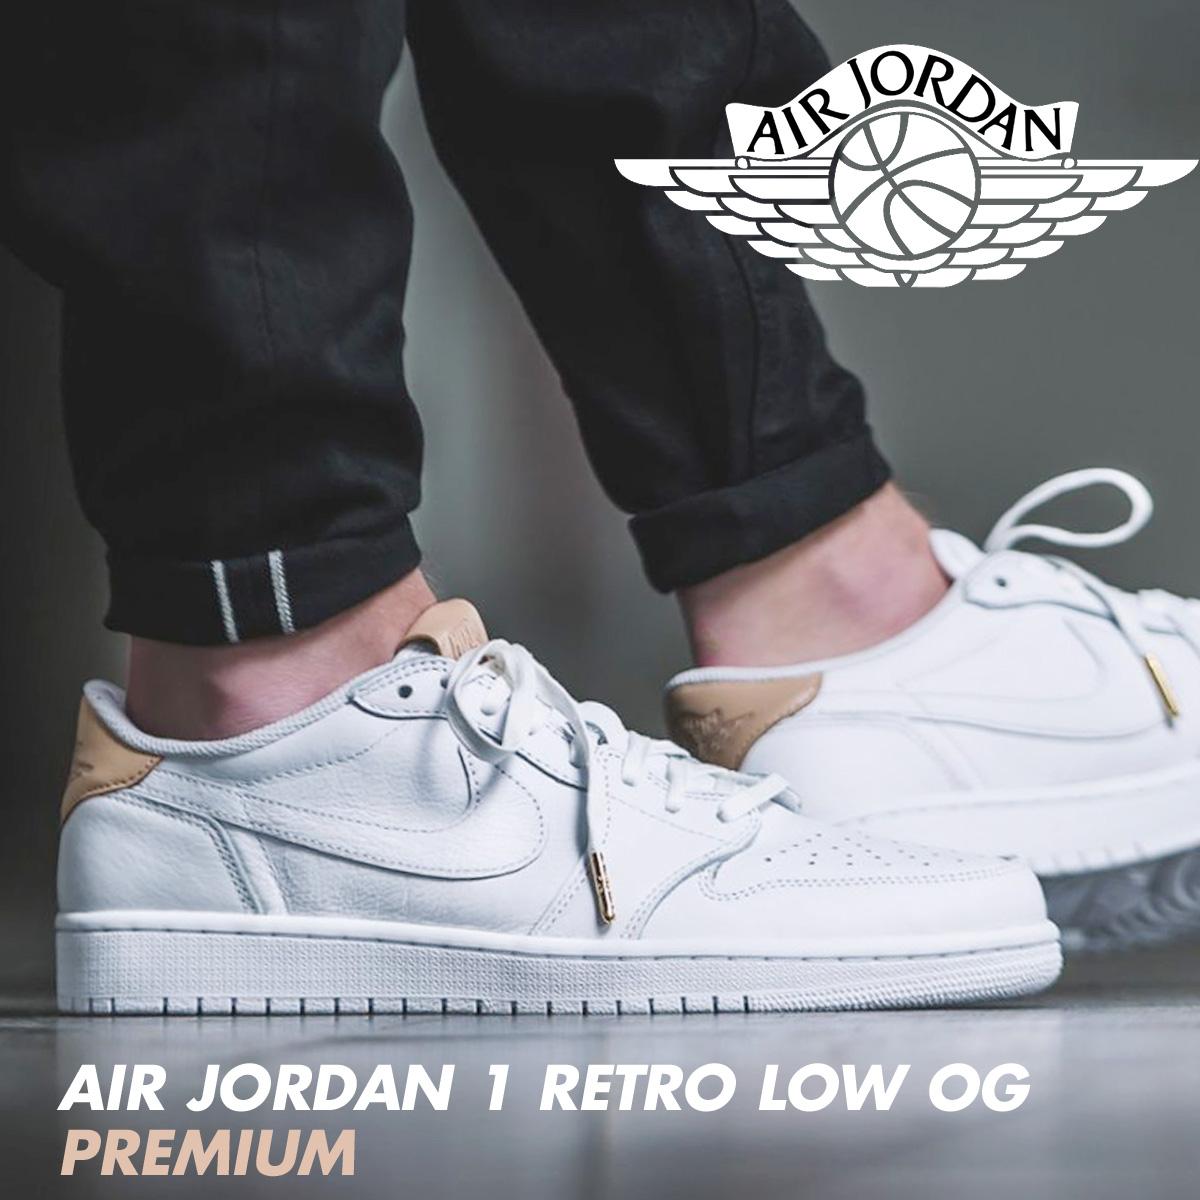 separation shoes acbda 82f71 Nike NIKE Air Jordan sneakers AIR JORDAN 1 RETRO LOW OG PREMIUM men low  905,136-100 shoes white  6 23 reentry load